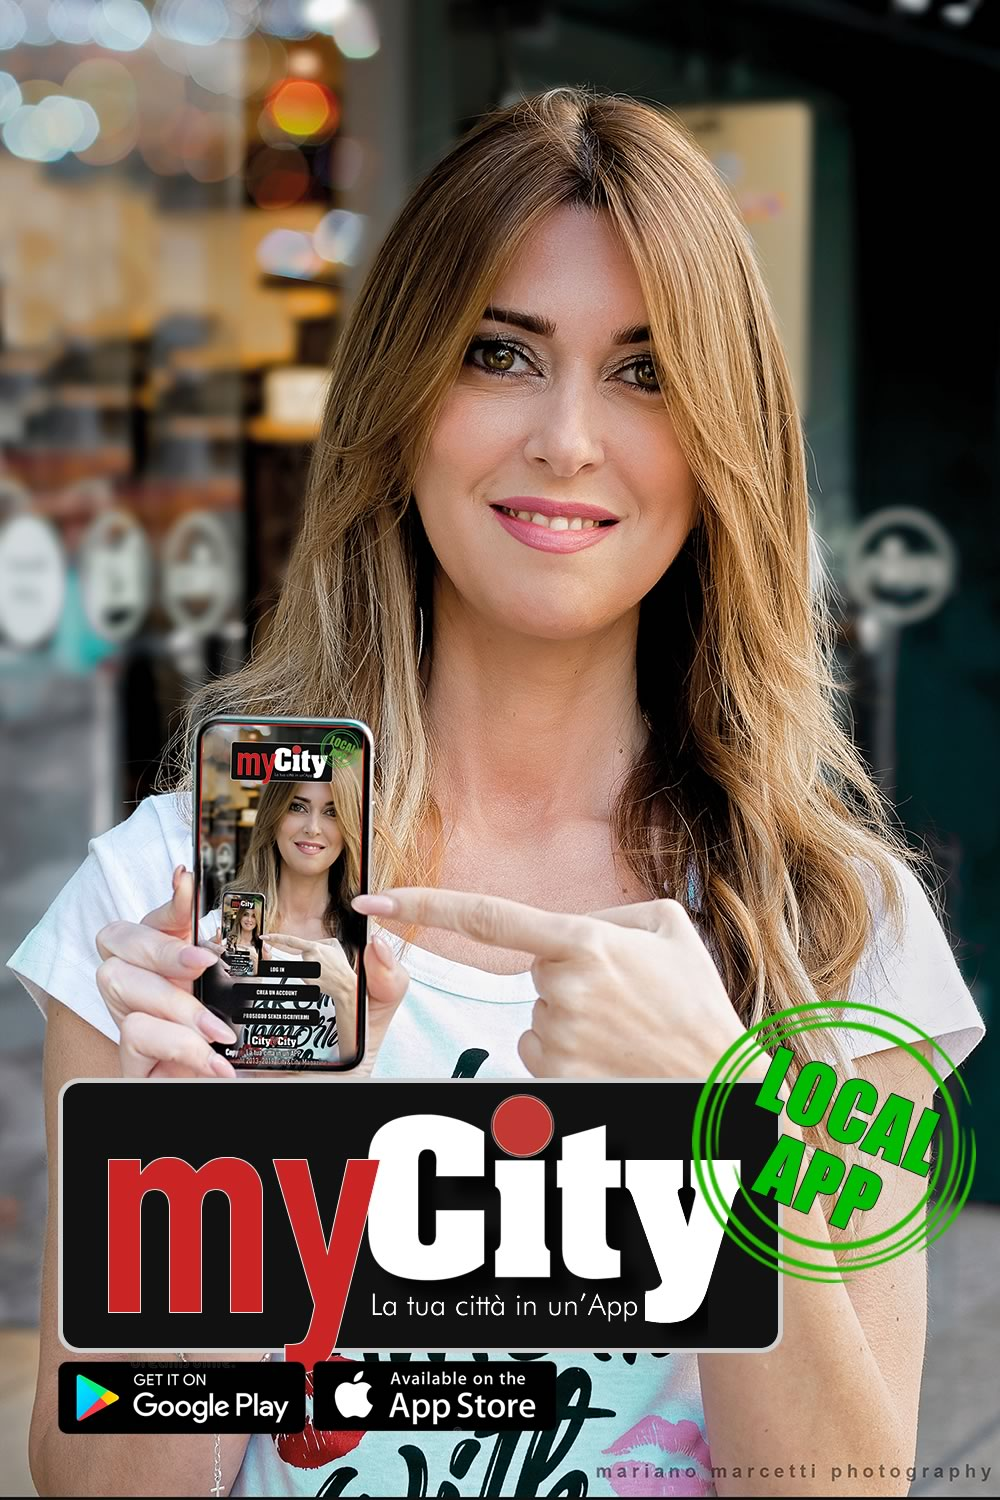 MyCity l'App di eventi della tua città